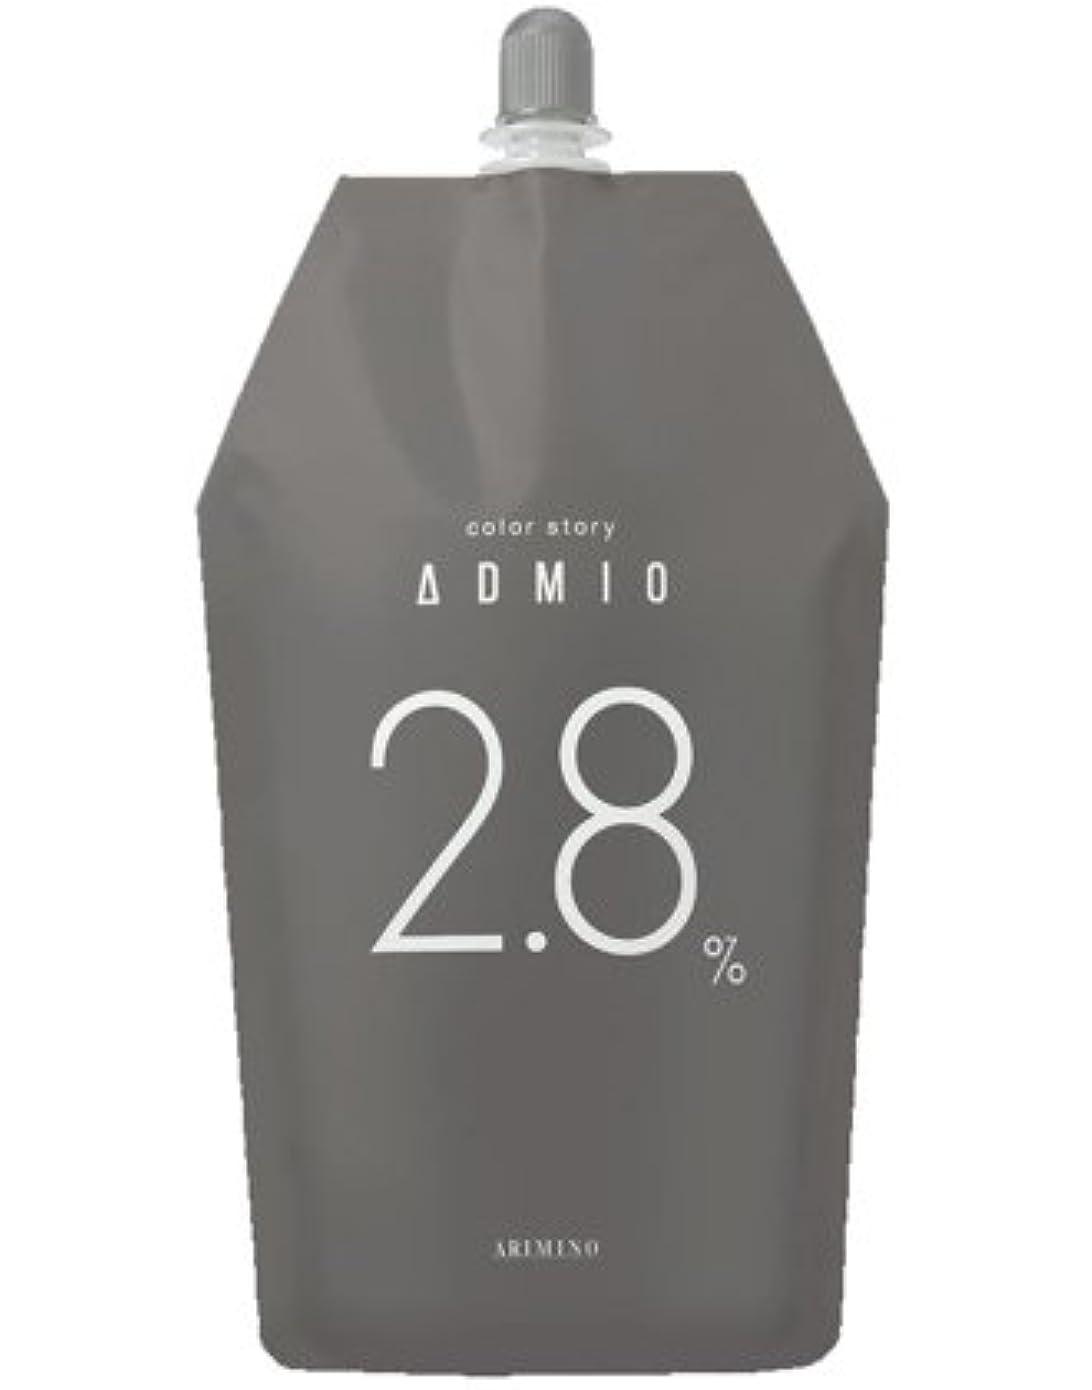 懐疑論まっすぐはっきりしない【アリミノ】カラーストーリー アドミオ OX 2.8% 1000ml